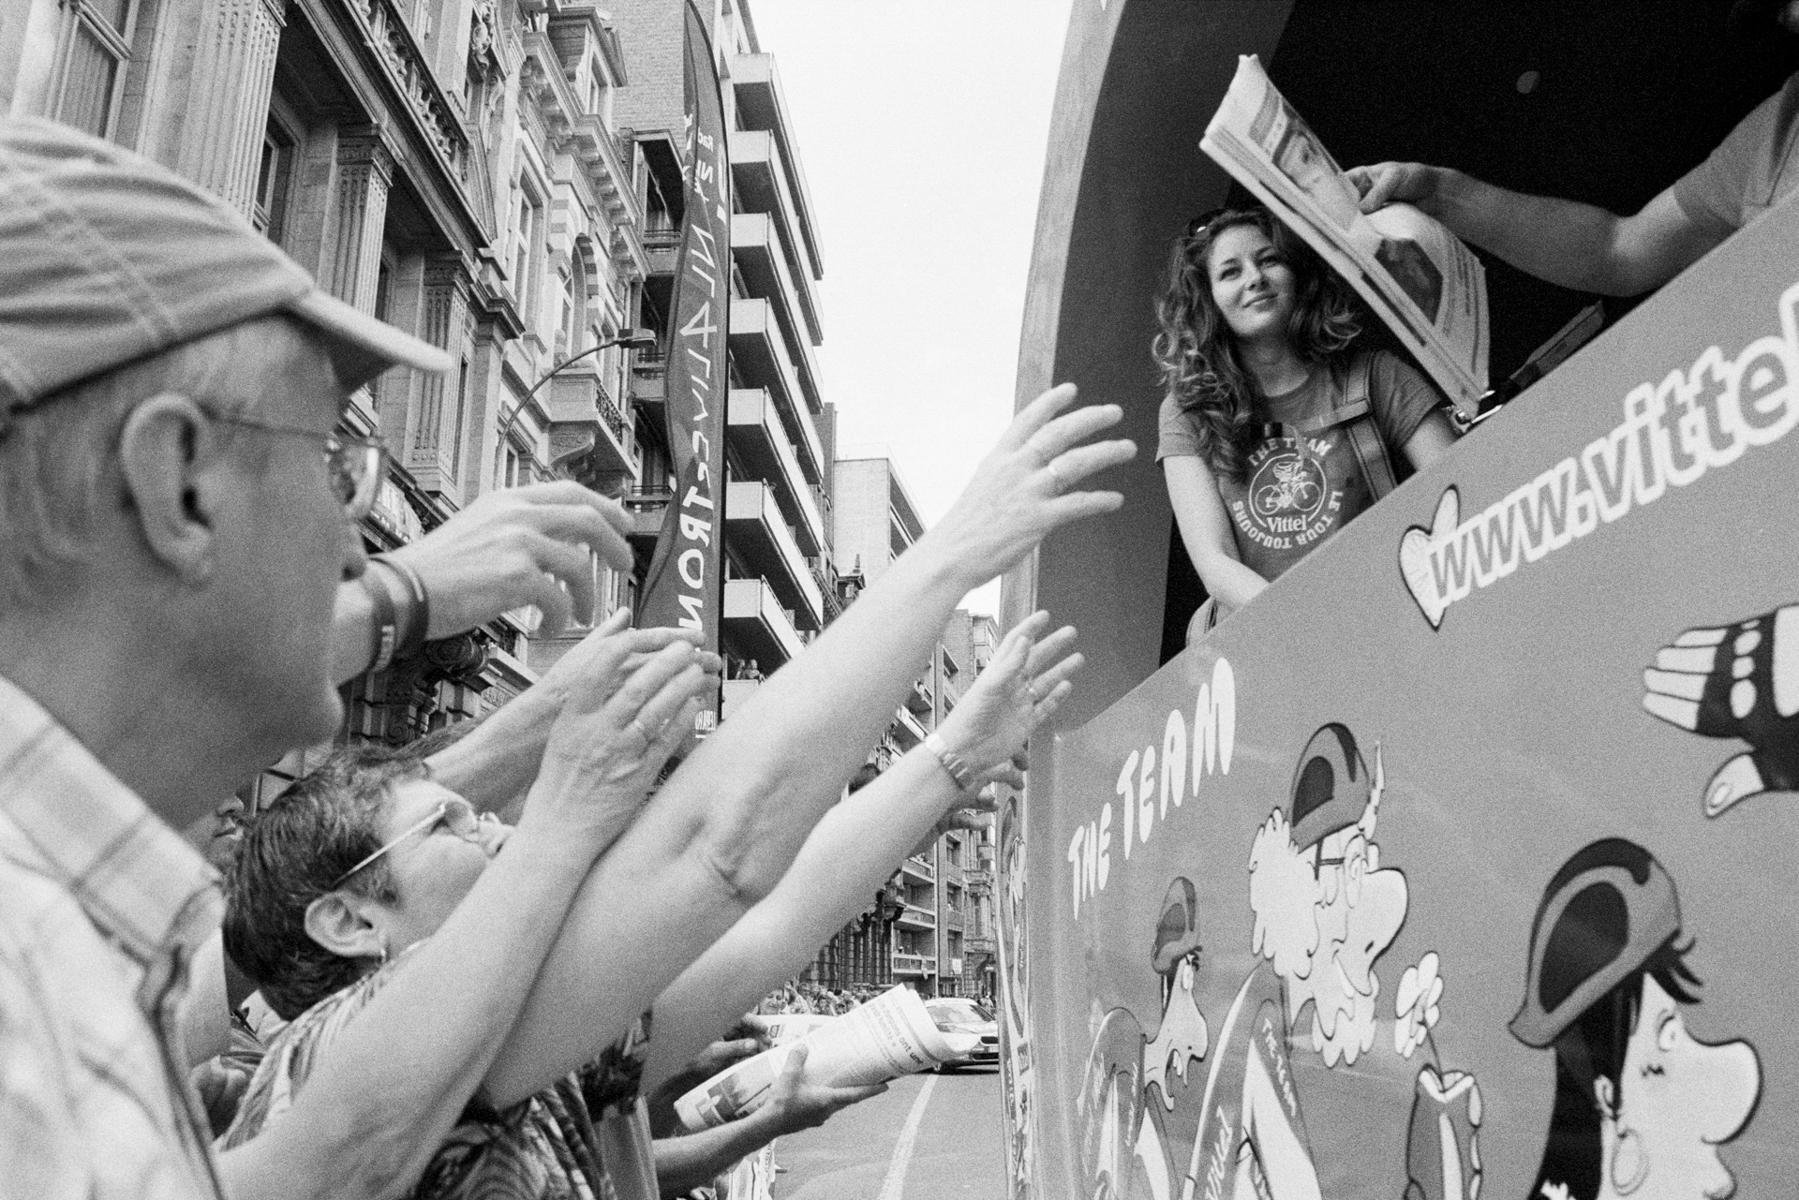 Le Tour de France 2012 Since 1930, the publicity caravan has been part of the Tour de France. Depuis 1930, la caravane publicitaire fait partie du Tour de France. Seit 1930 gehört die Werbekarawane zum Tour-Spektakel dazu. Desde 1930 la caravana publicitaria forma parte activa del espectáculo.